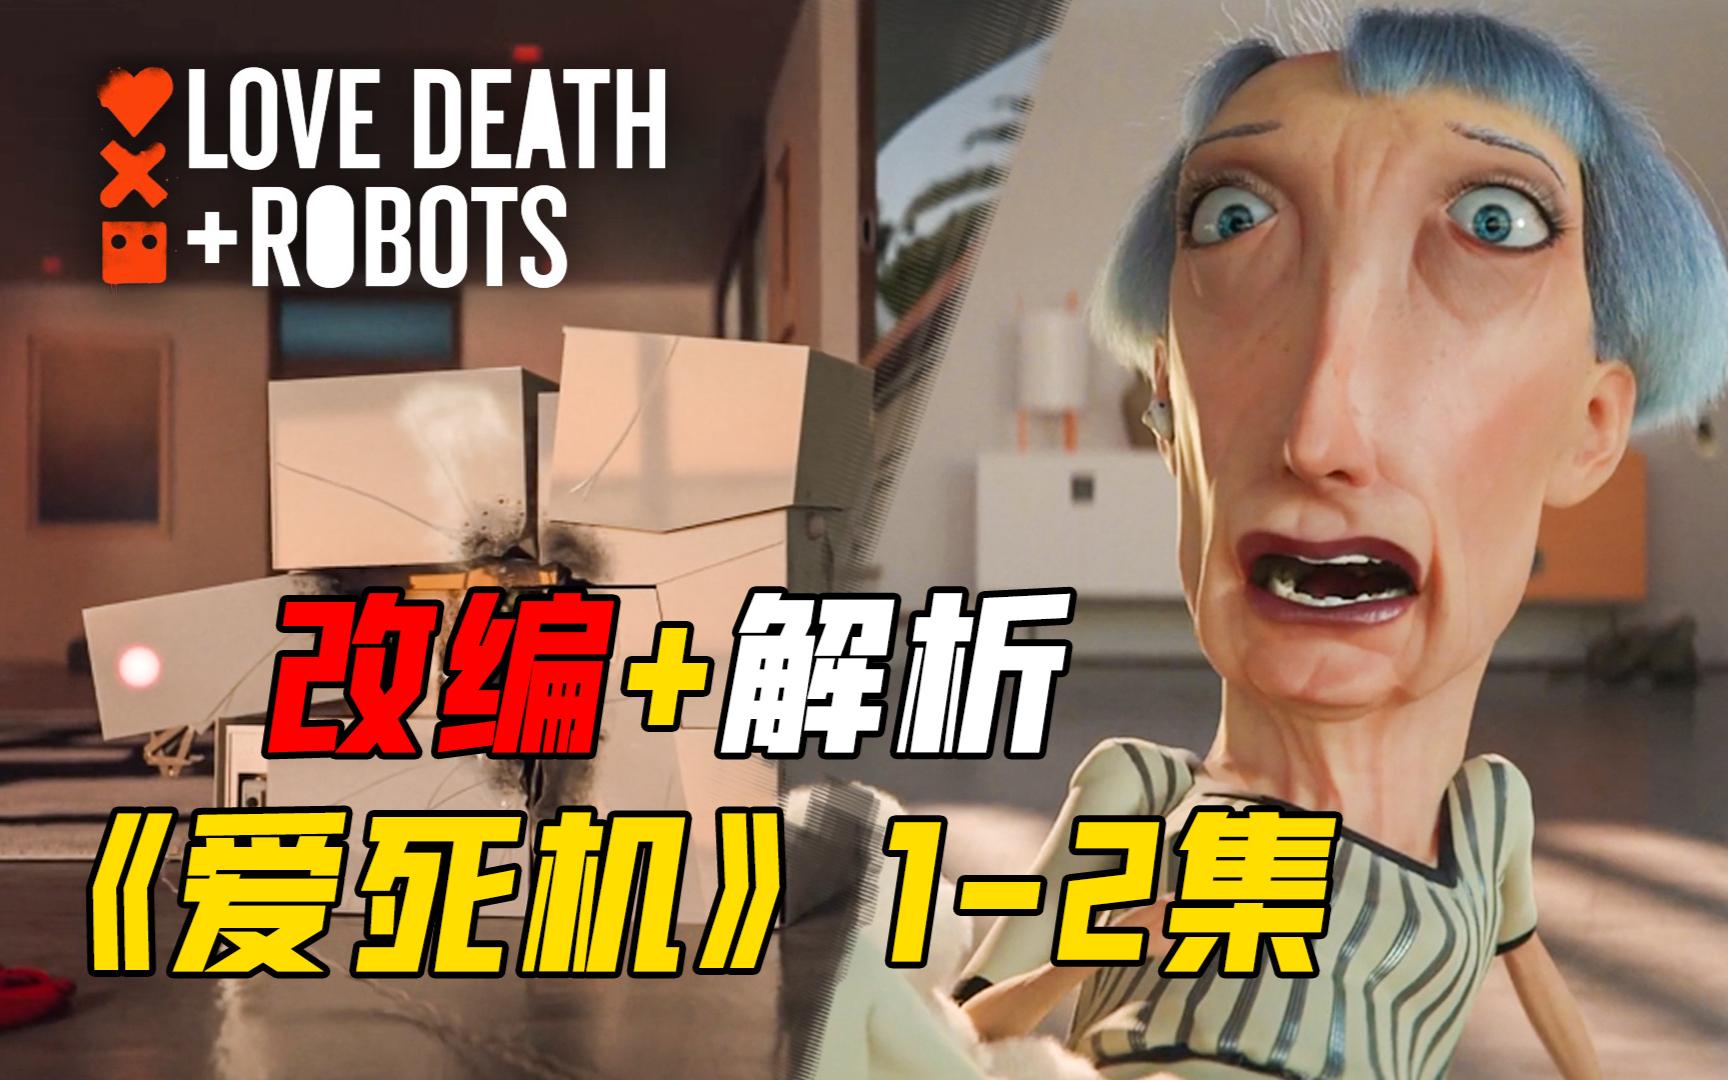 【墨菲】我上我也行?改编+解析《爱,死亡和机器人》第二季——扫地机器人弑主【YOUNG 解说】